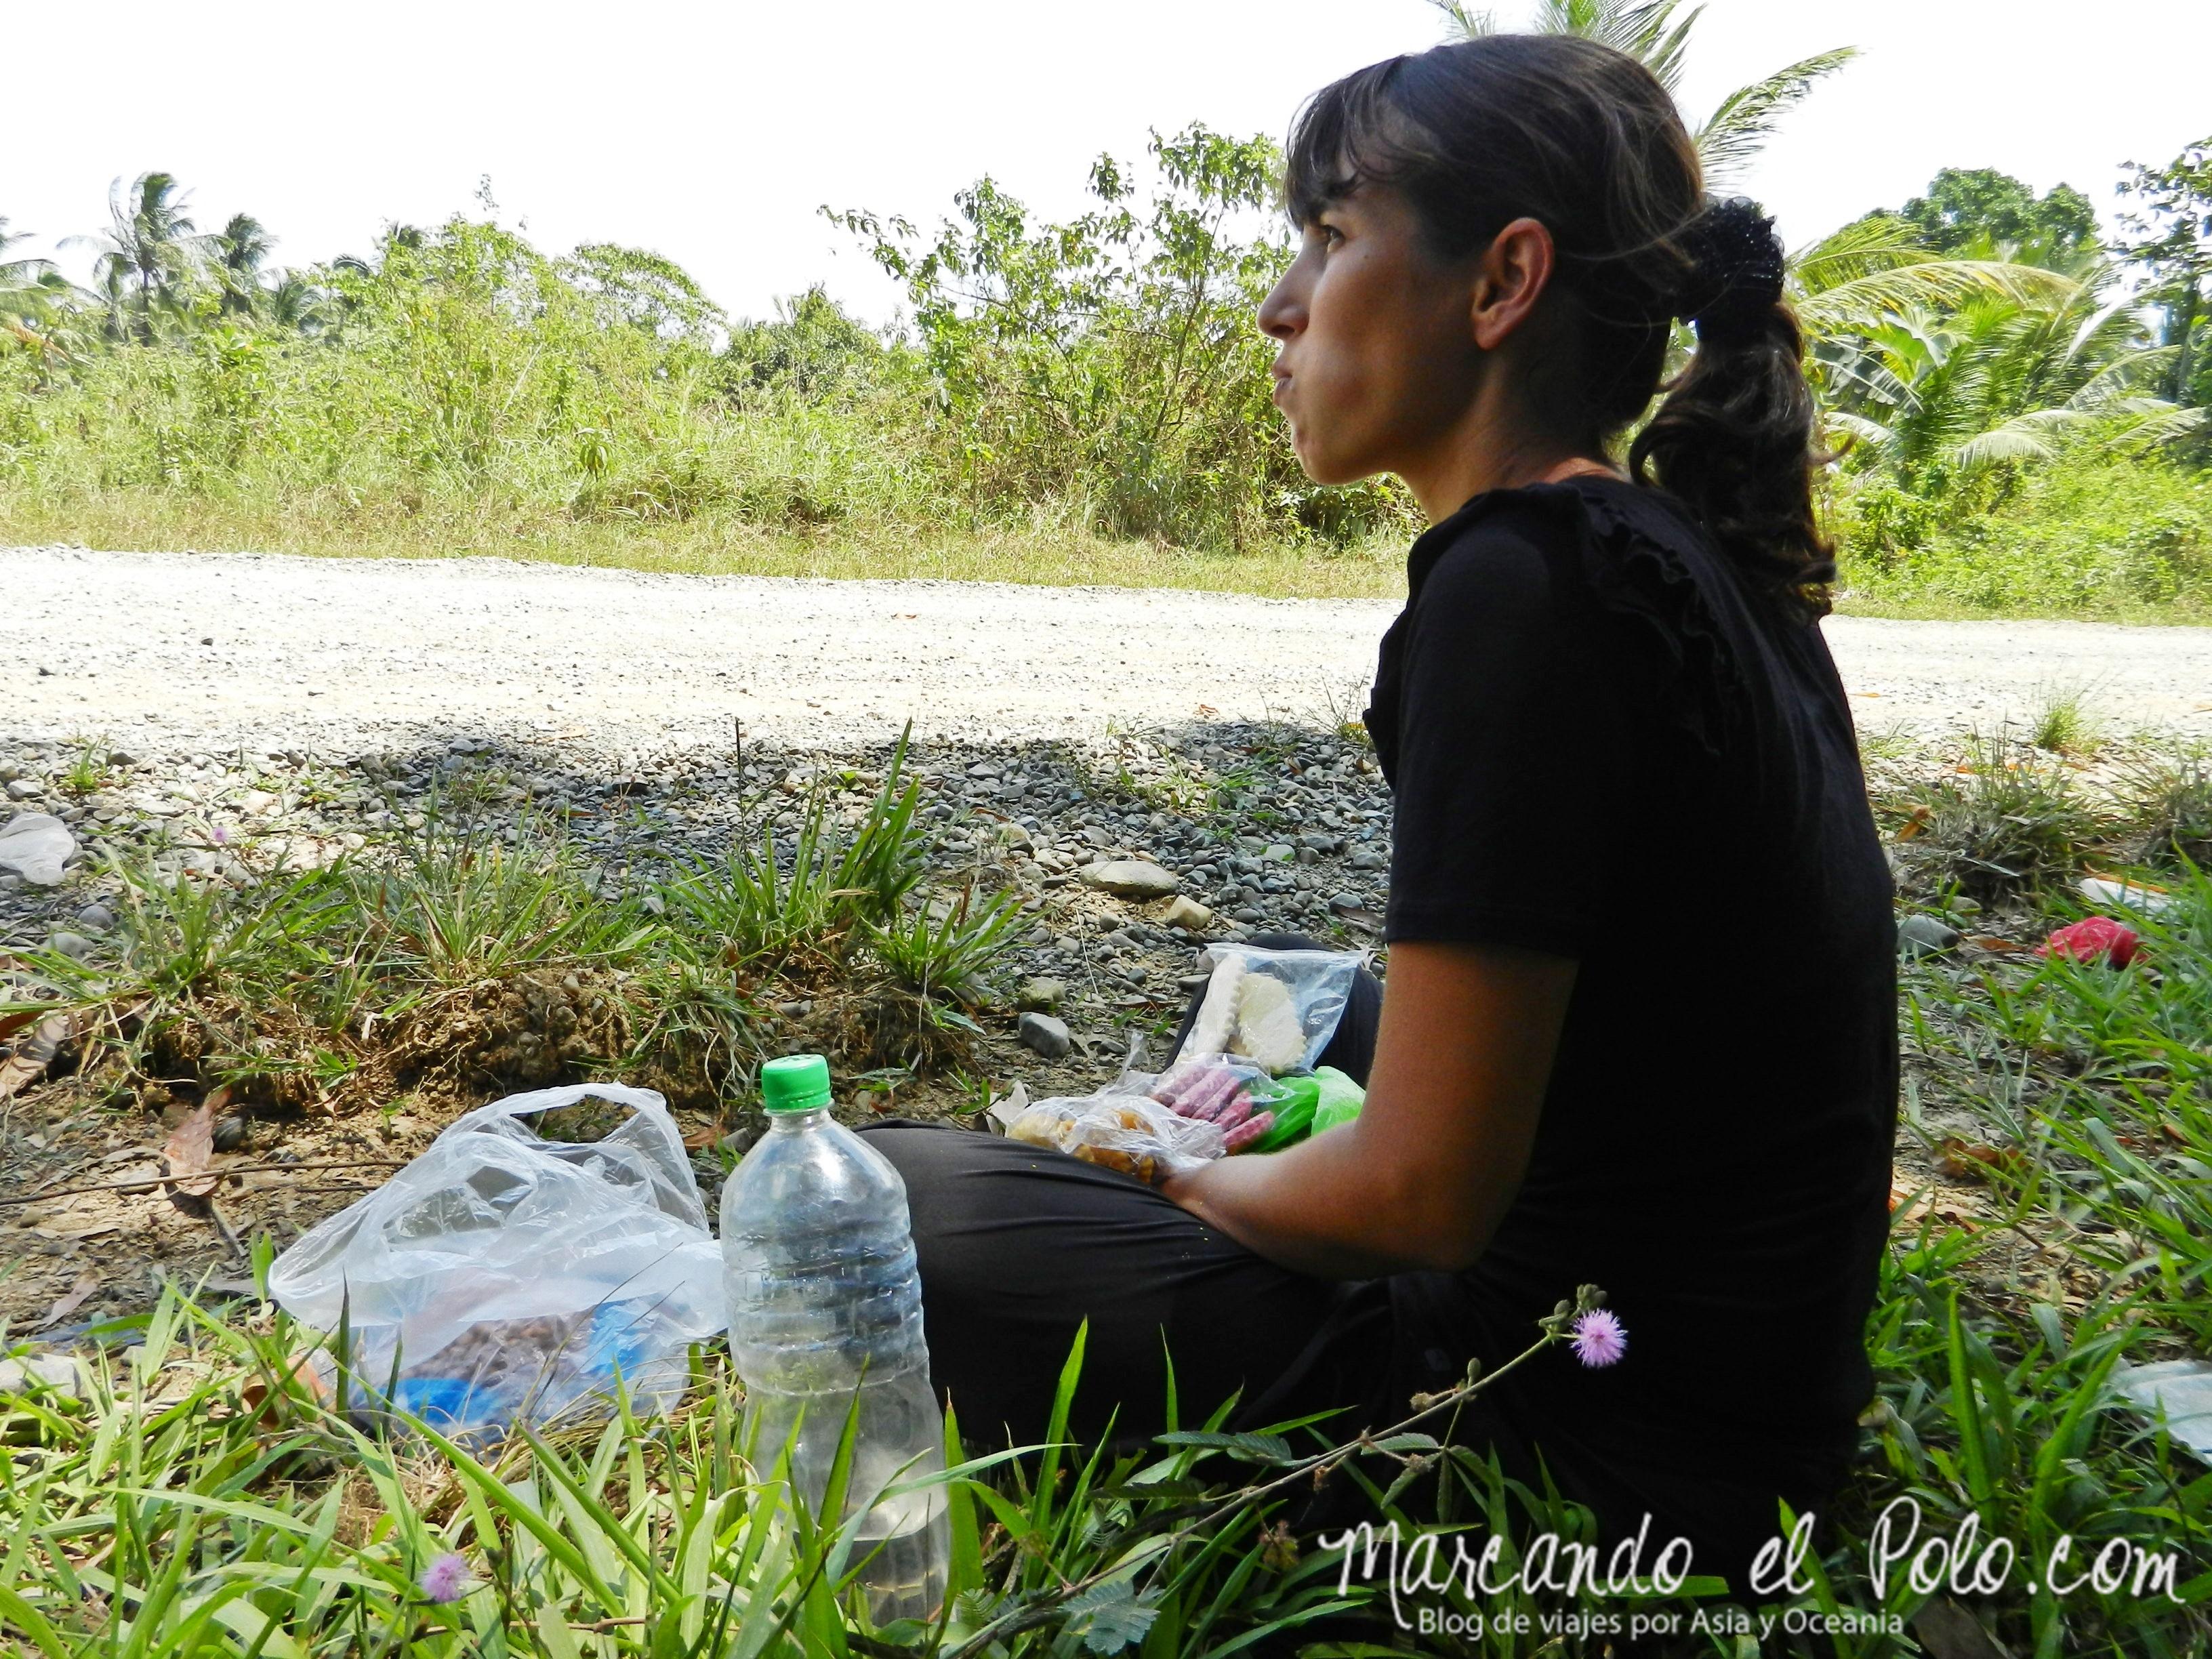 Viajar a dedo en Filipinas: picnic al costado de la ruta